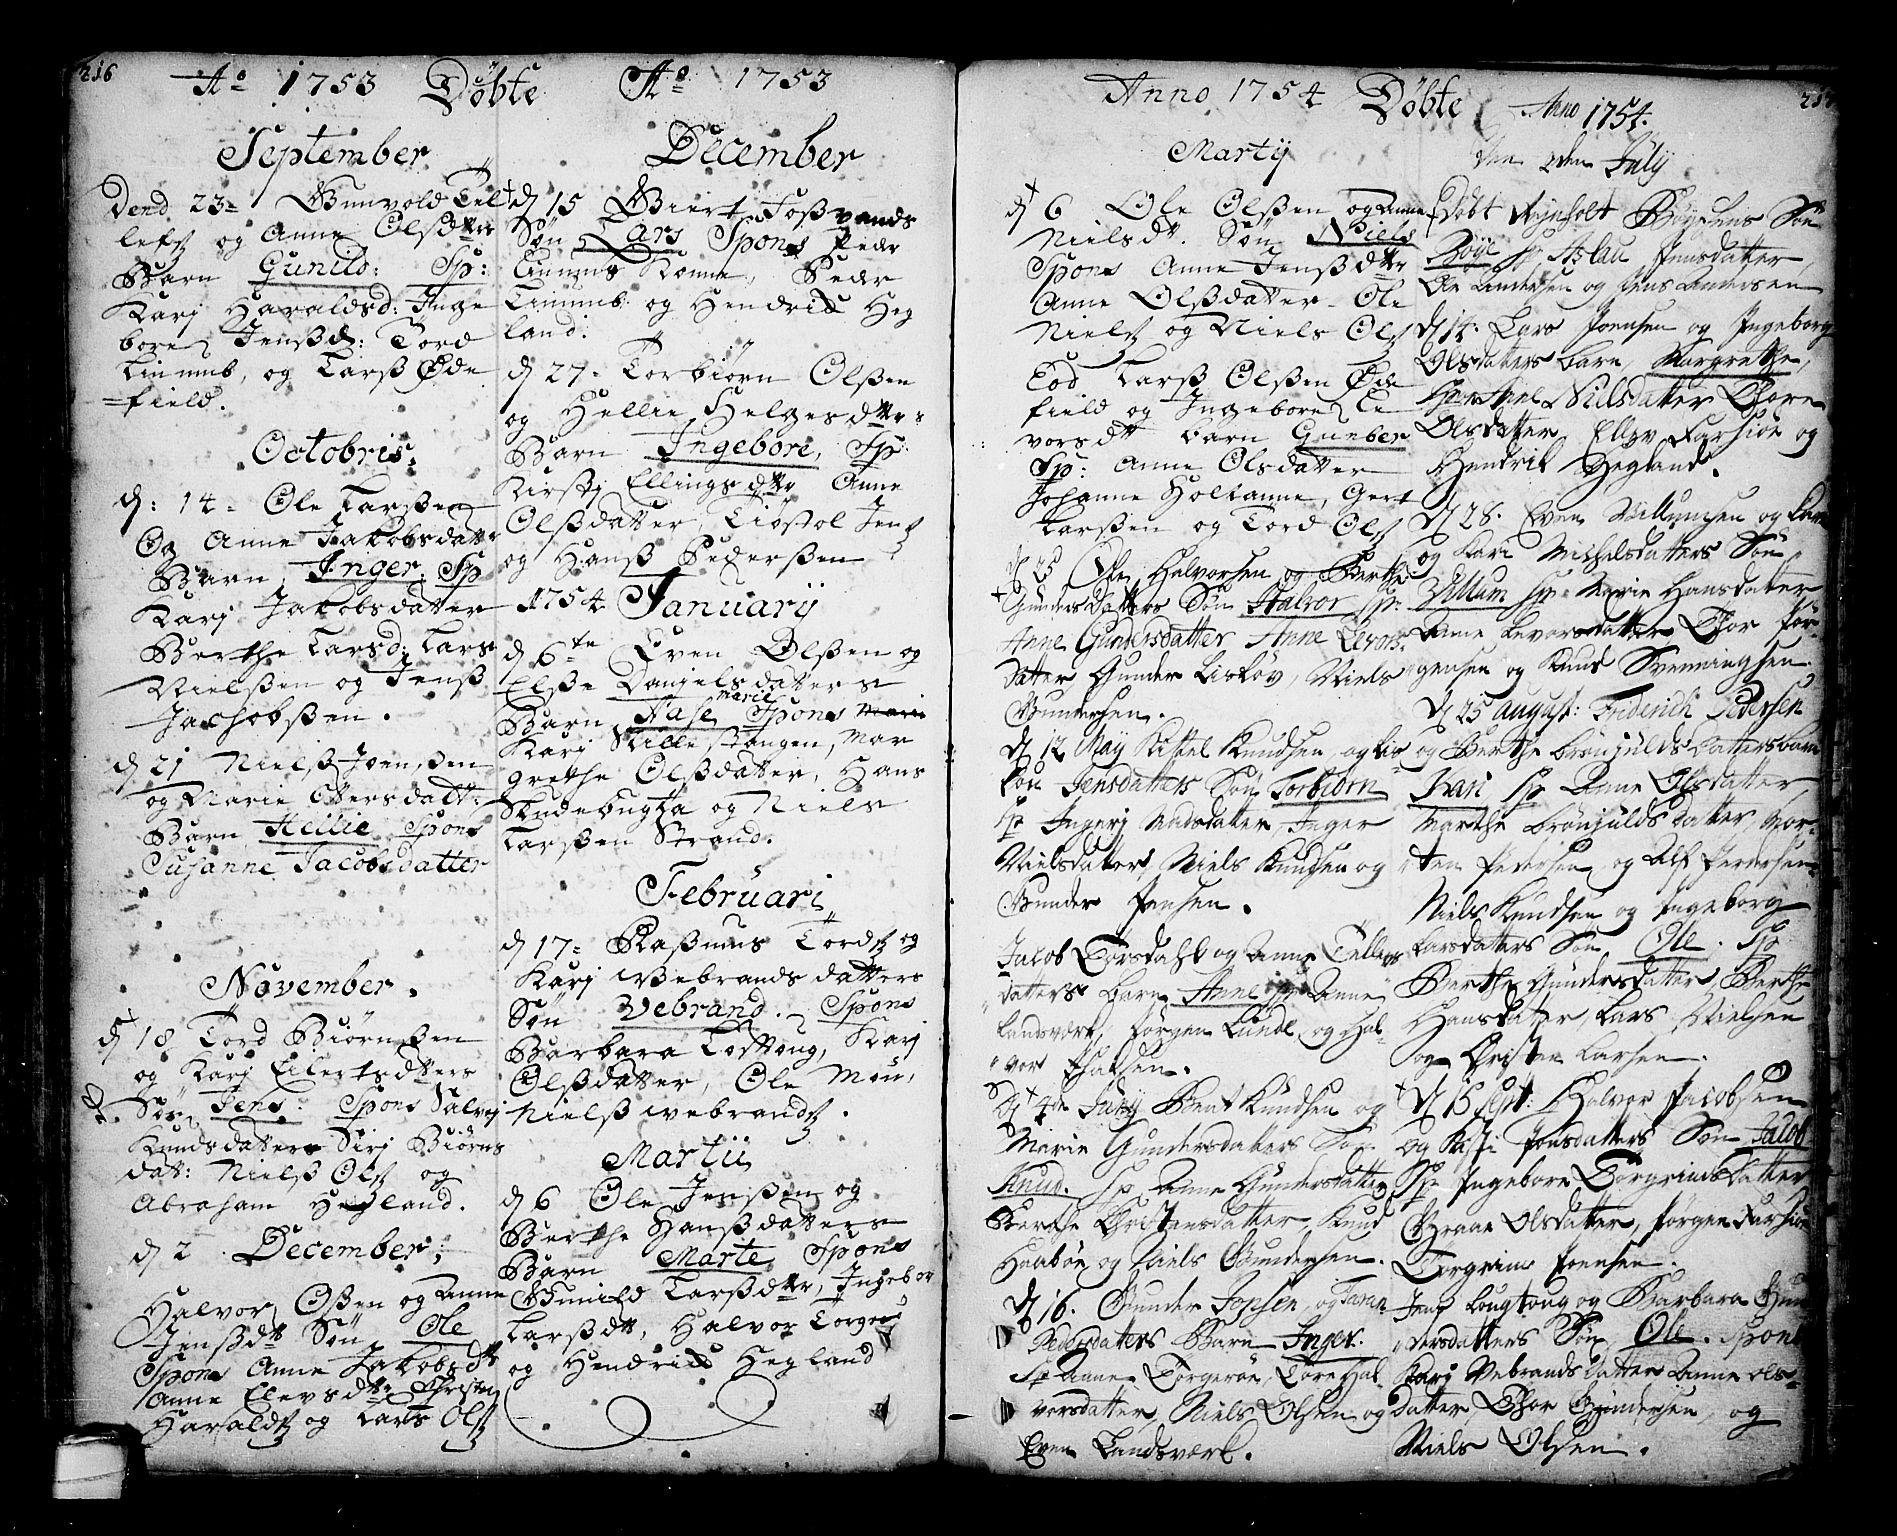 SAKO, Sannidal kirkebøker, F/Fa/L0001: Ministerialbok nr. 1, 1702-1766, s. 216-217